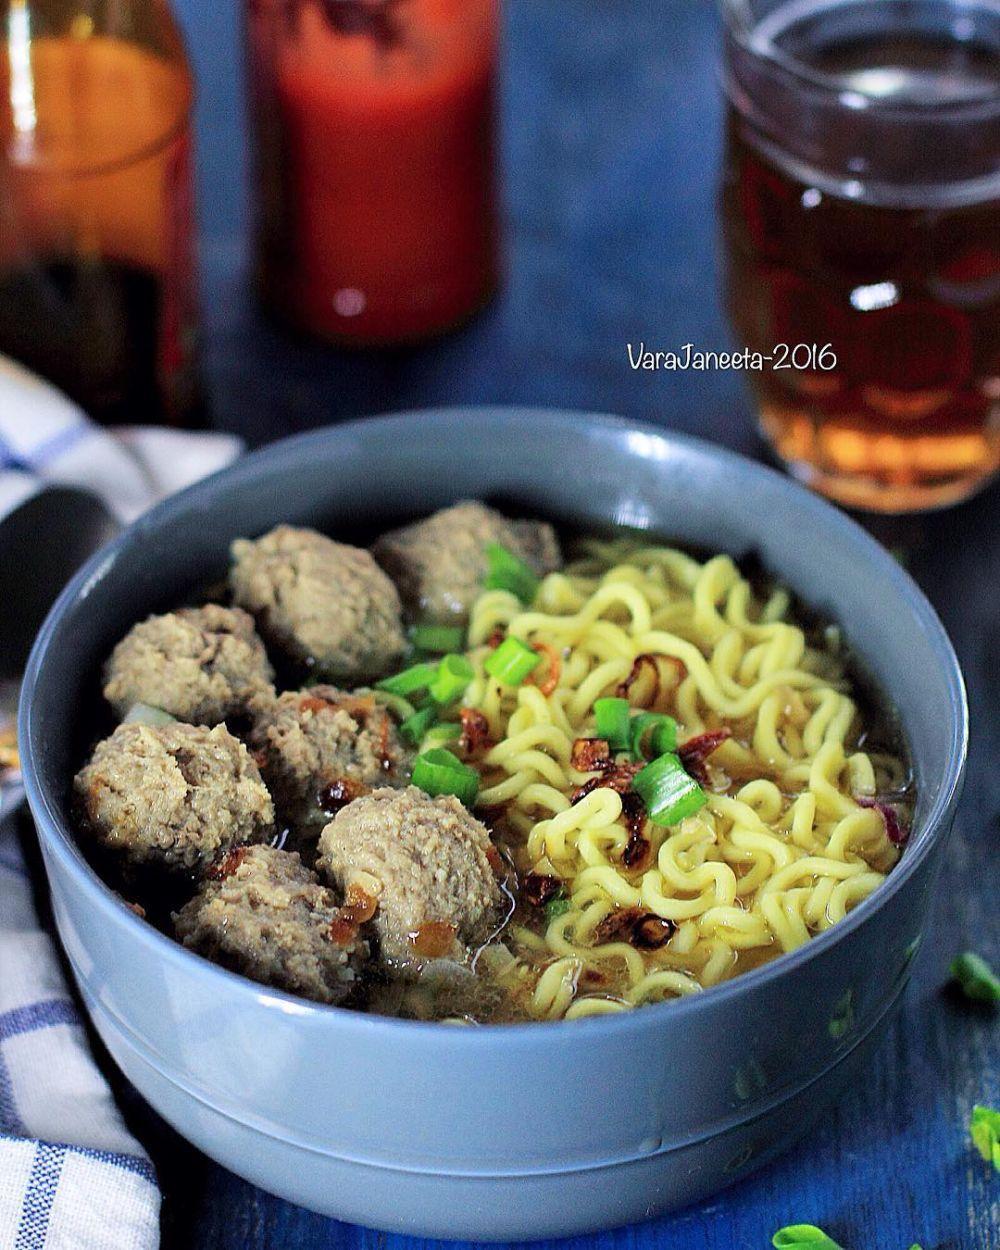 17 Resep Masakan Lebaran C 2020 Instagram Nenipuspit Instagram Banususanto Di 2020 Resep Masakan Masakan Makanan Dan Minuman